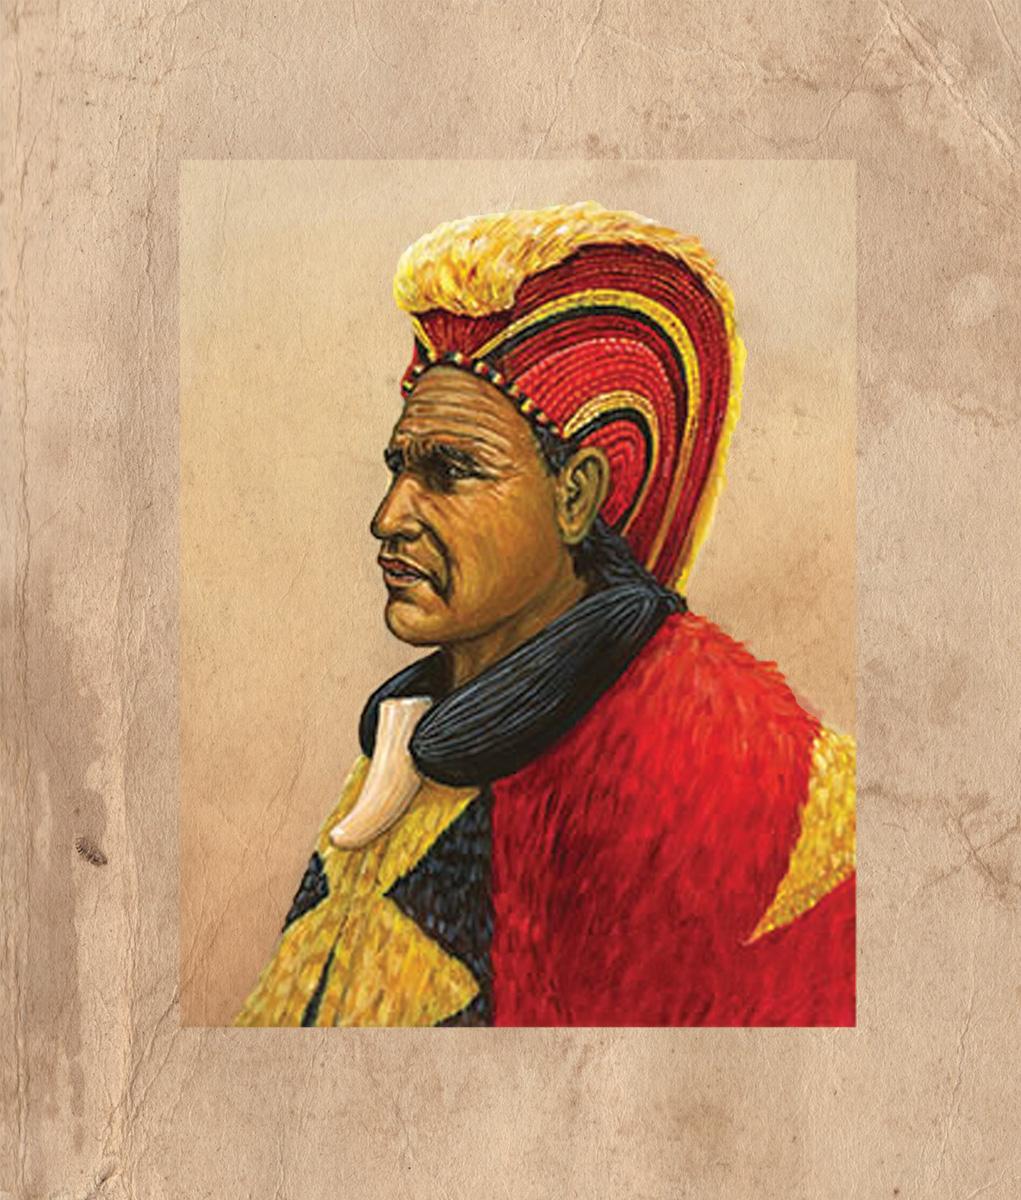 Kaumuali'i Kaua'i's King1